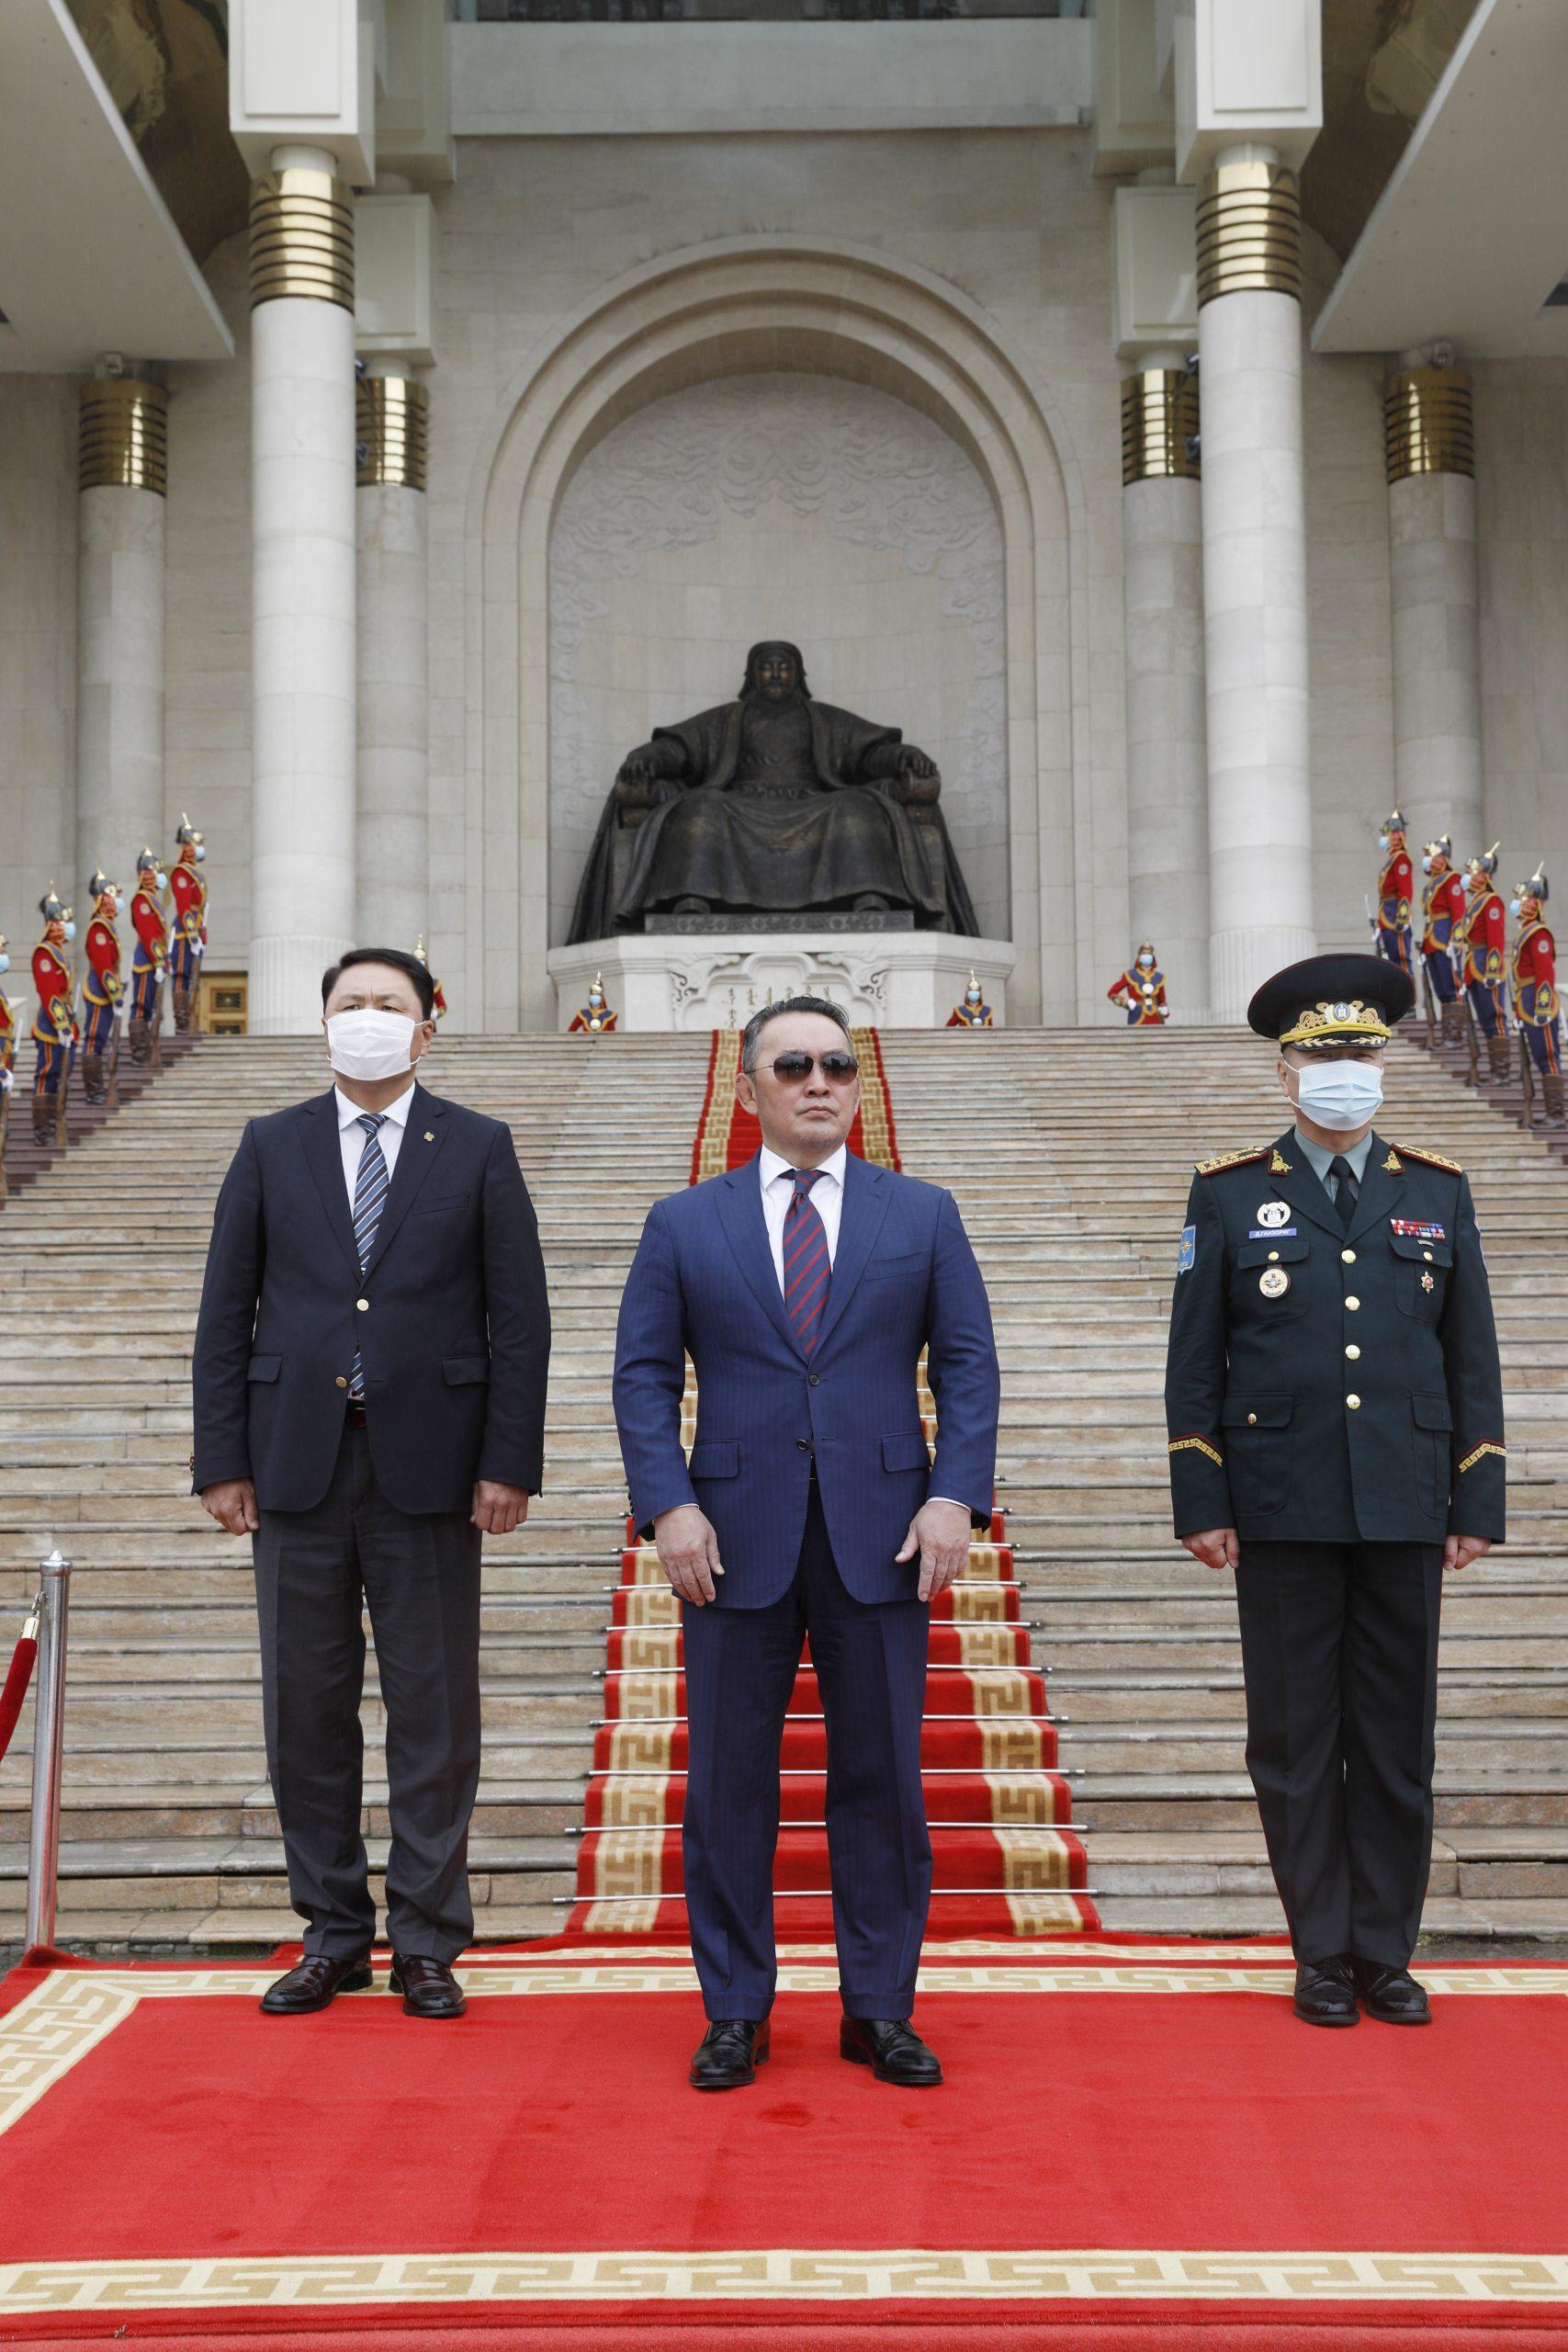 Монгол Улсын Зэвсэгт хүчнээс Исламын Бүгд Найрамдах Афганистан Улсад үүрэг гүйцэтгэсэн цэргийн багуудад хүндэтгэл үзүүллээ